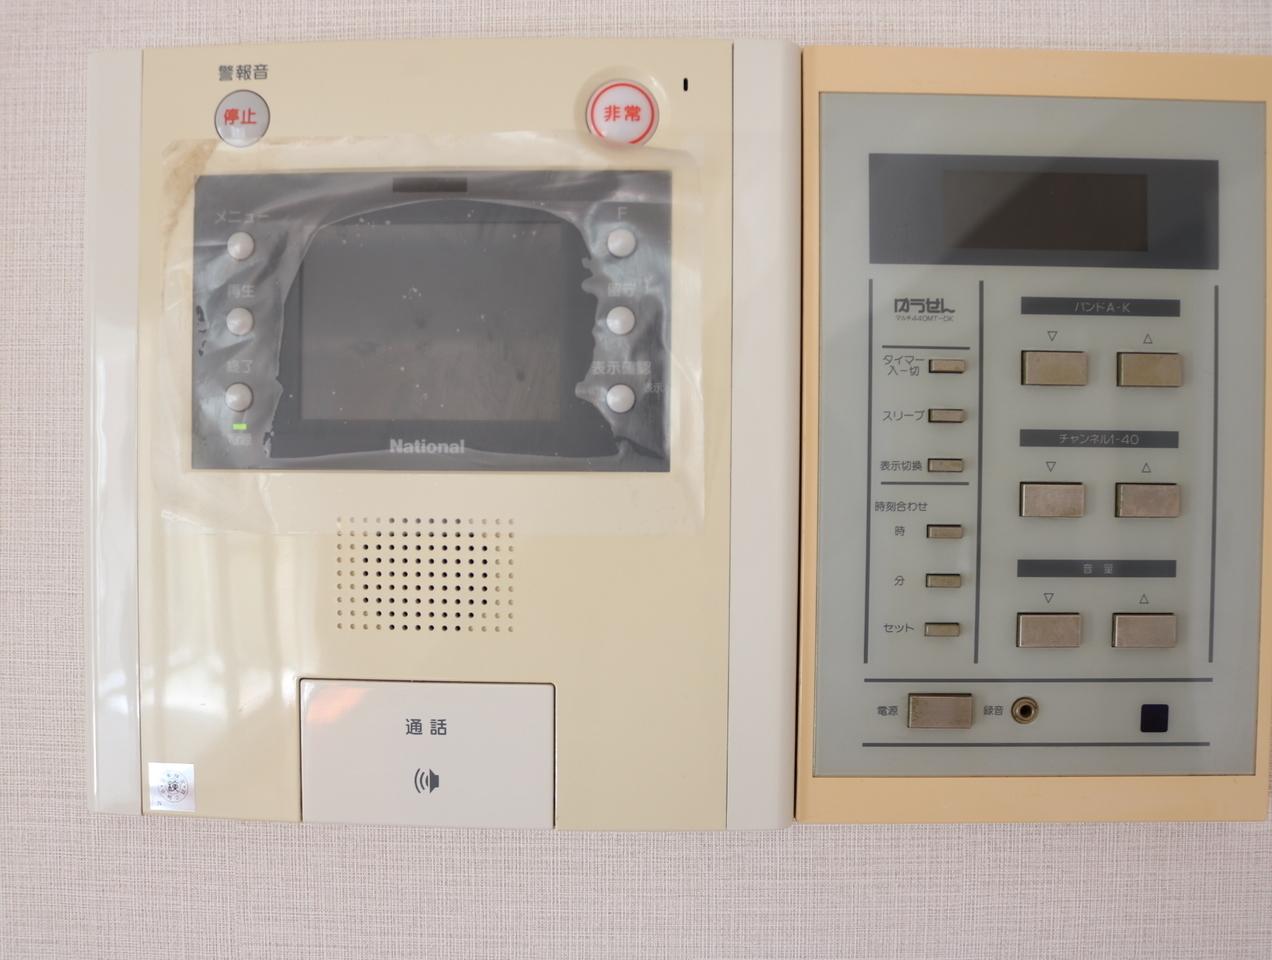 モニター付インターホン・有線放送操作パネルです。